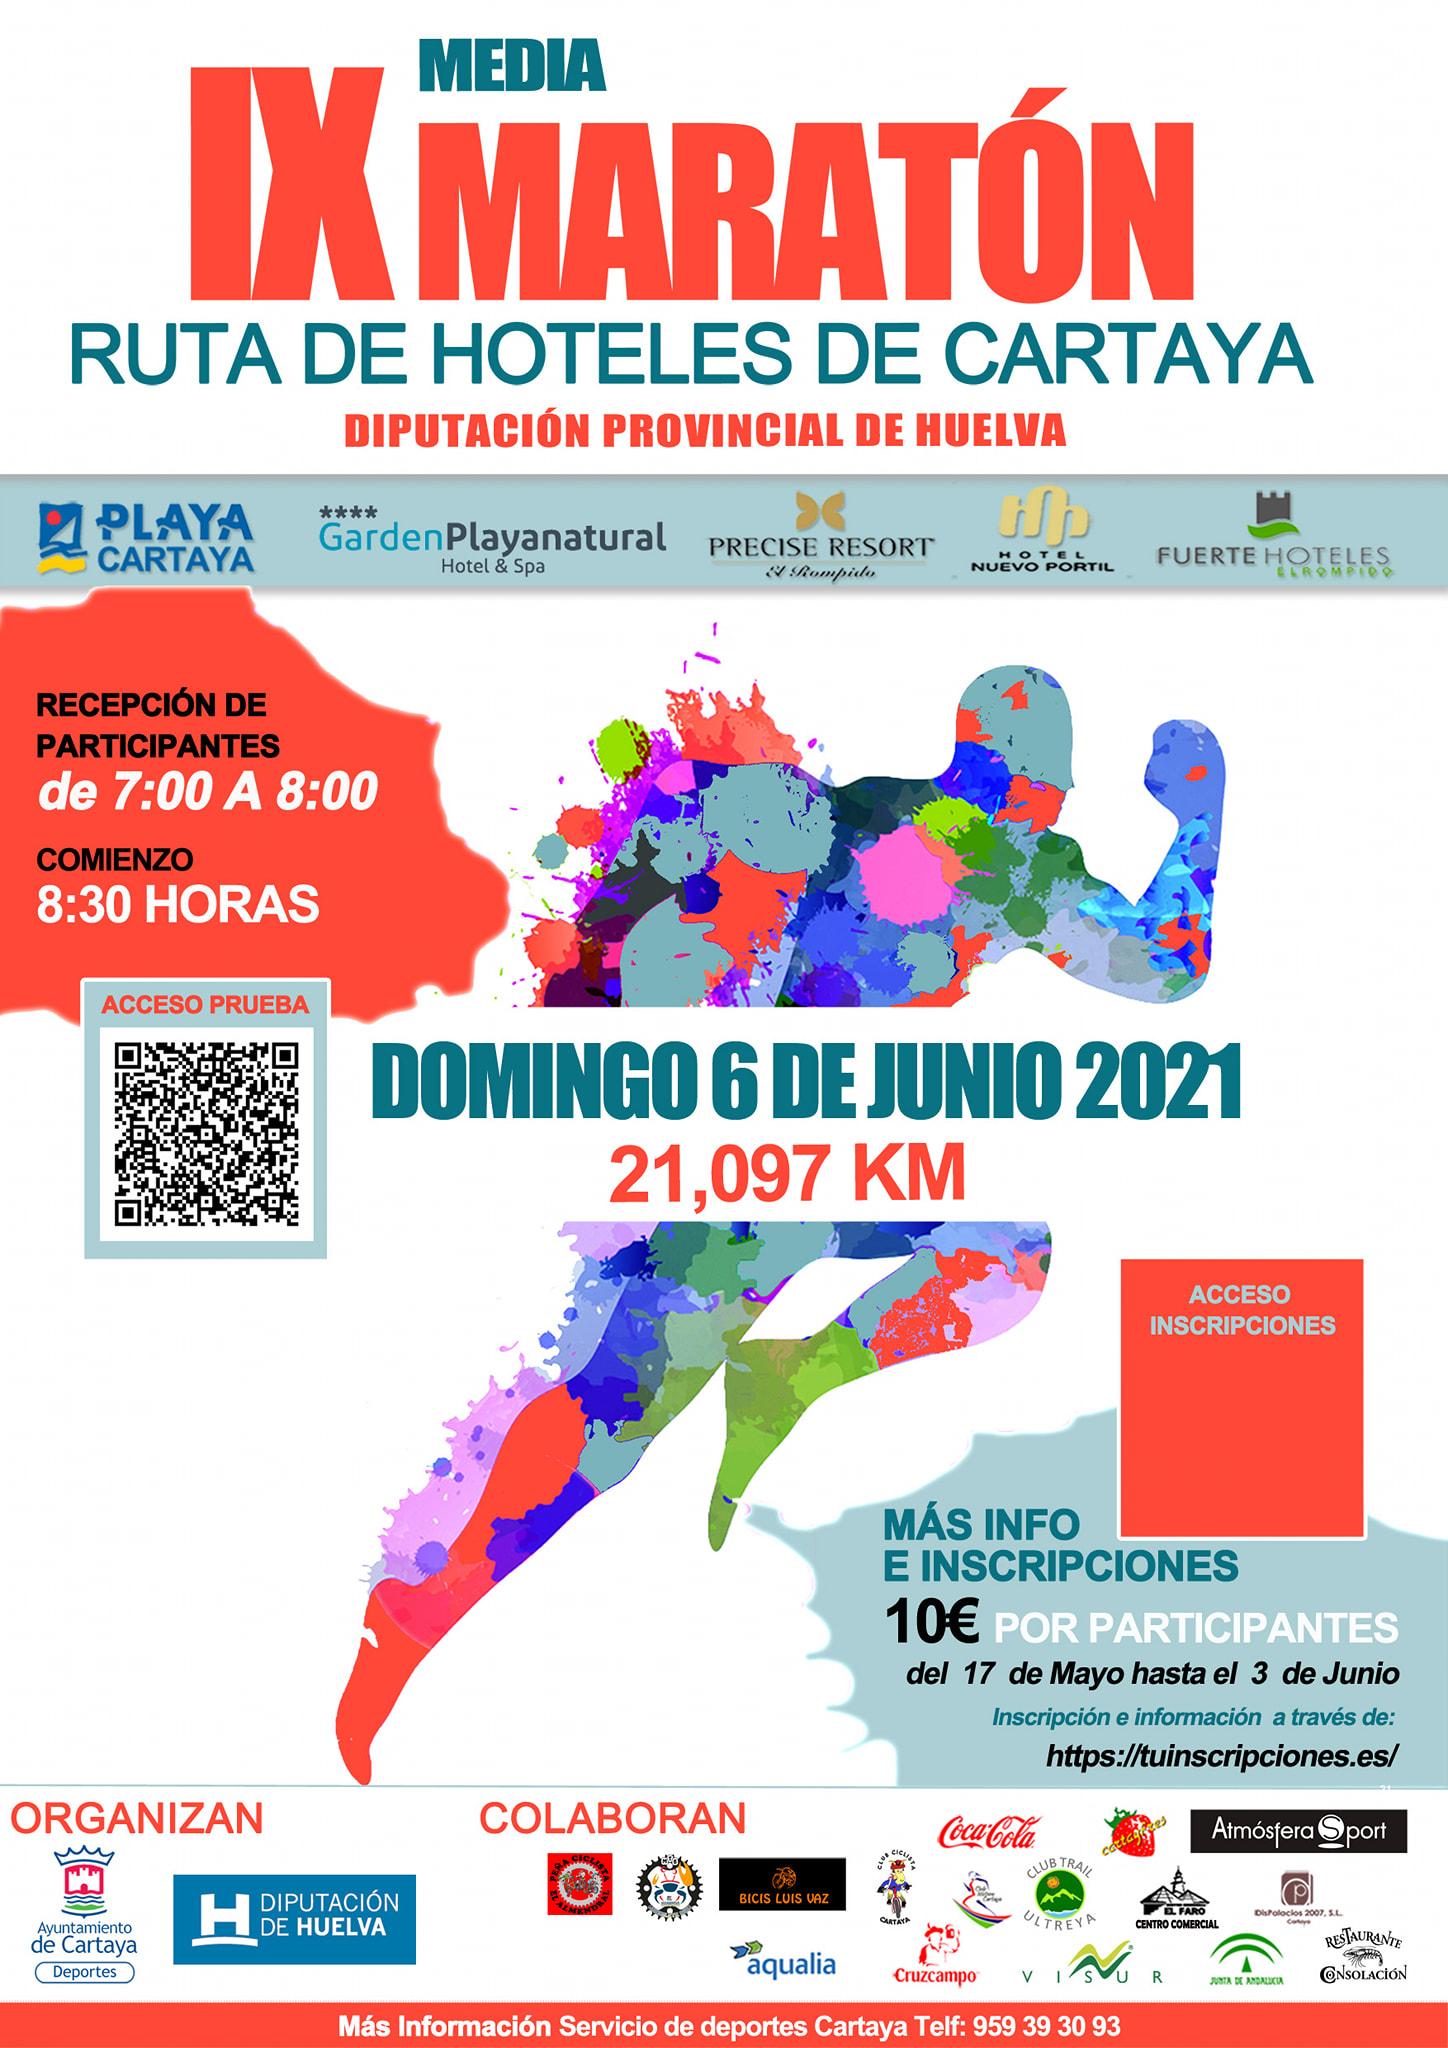 IX Media Maratón Ruta Hoteles de Cartaya